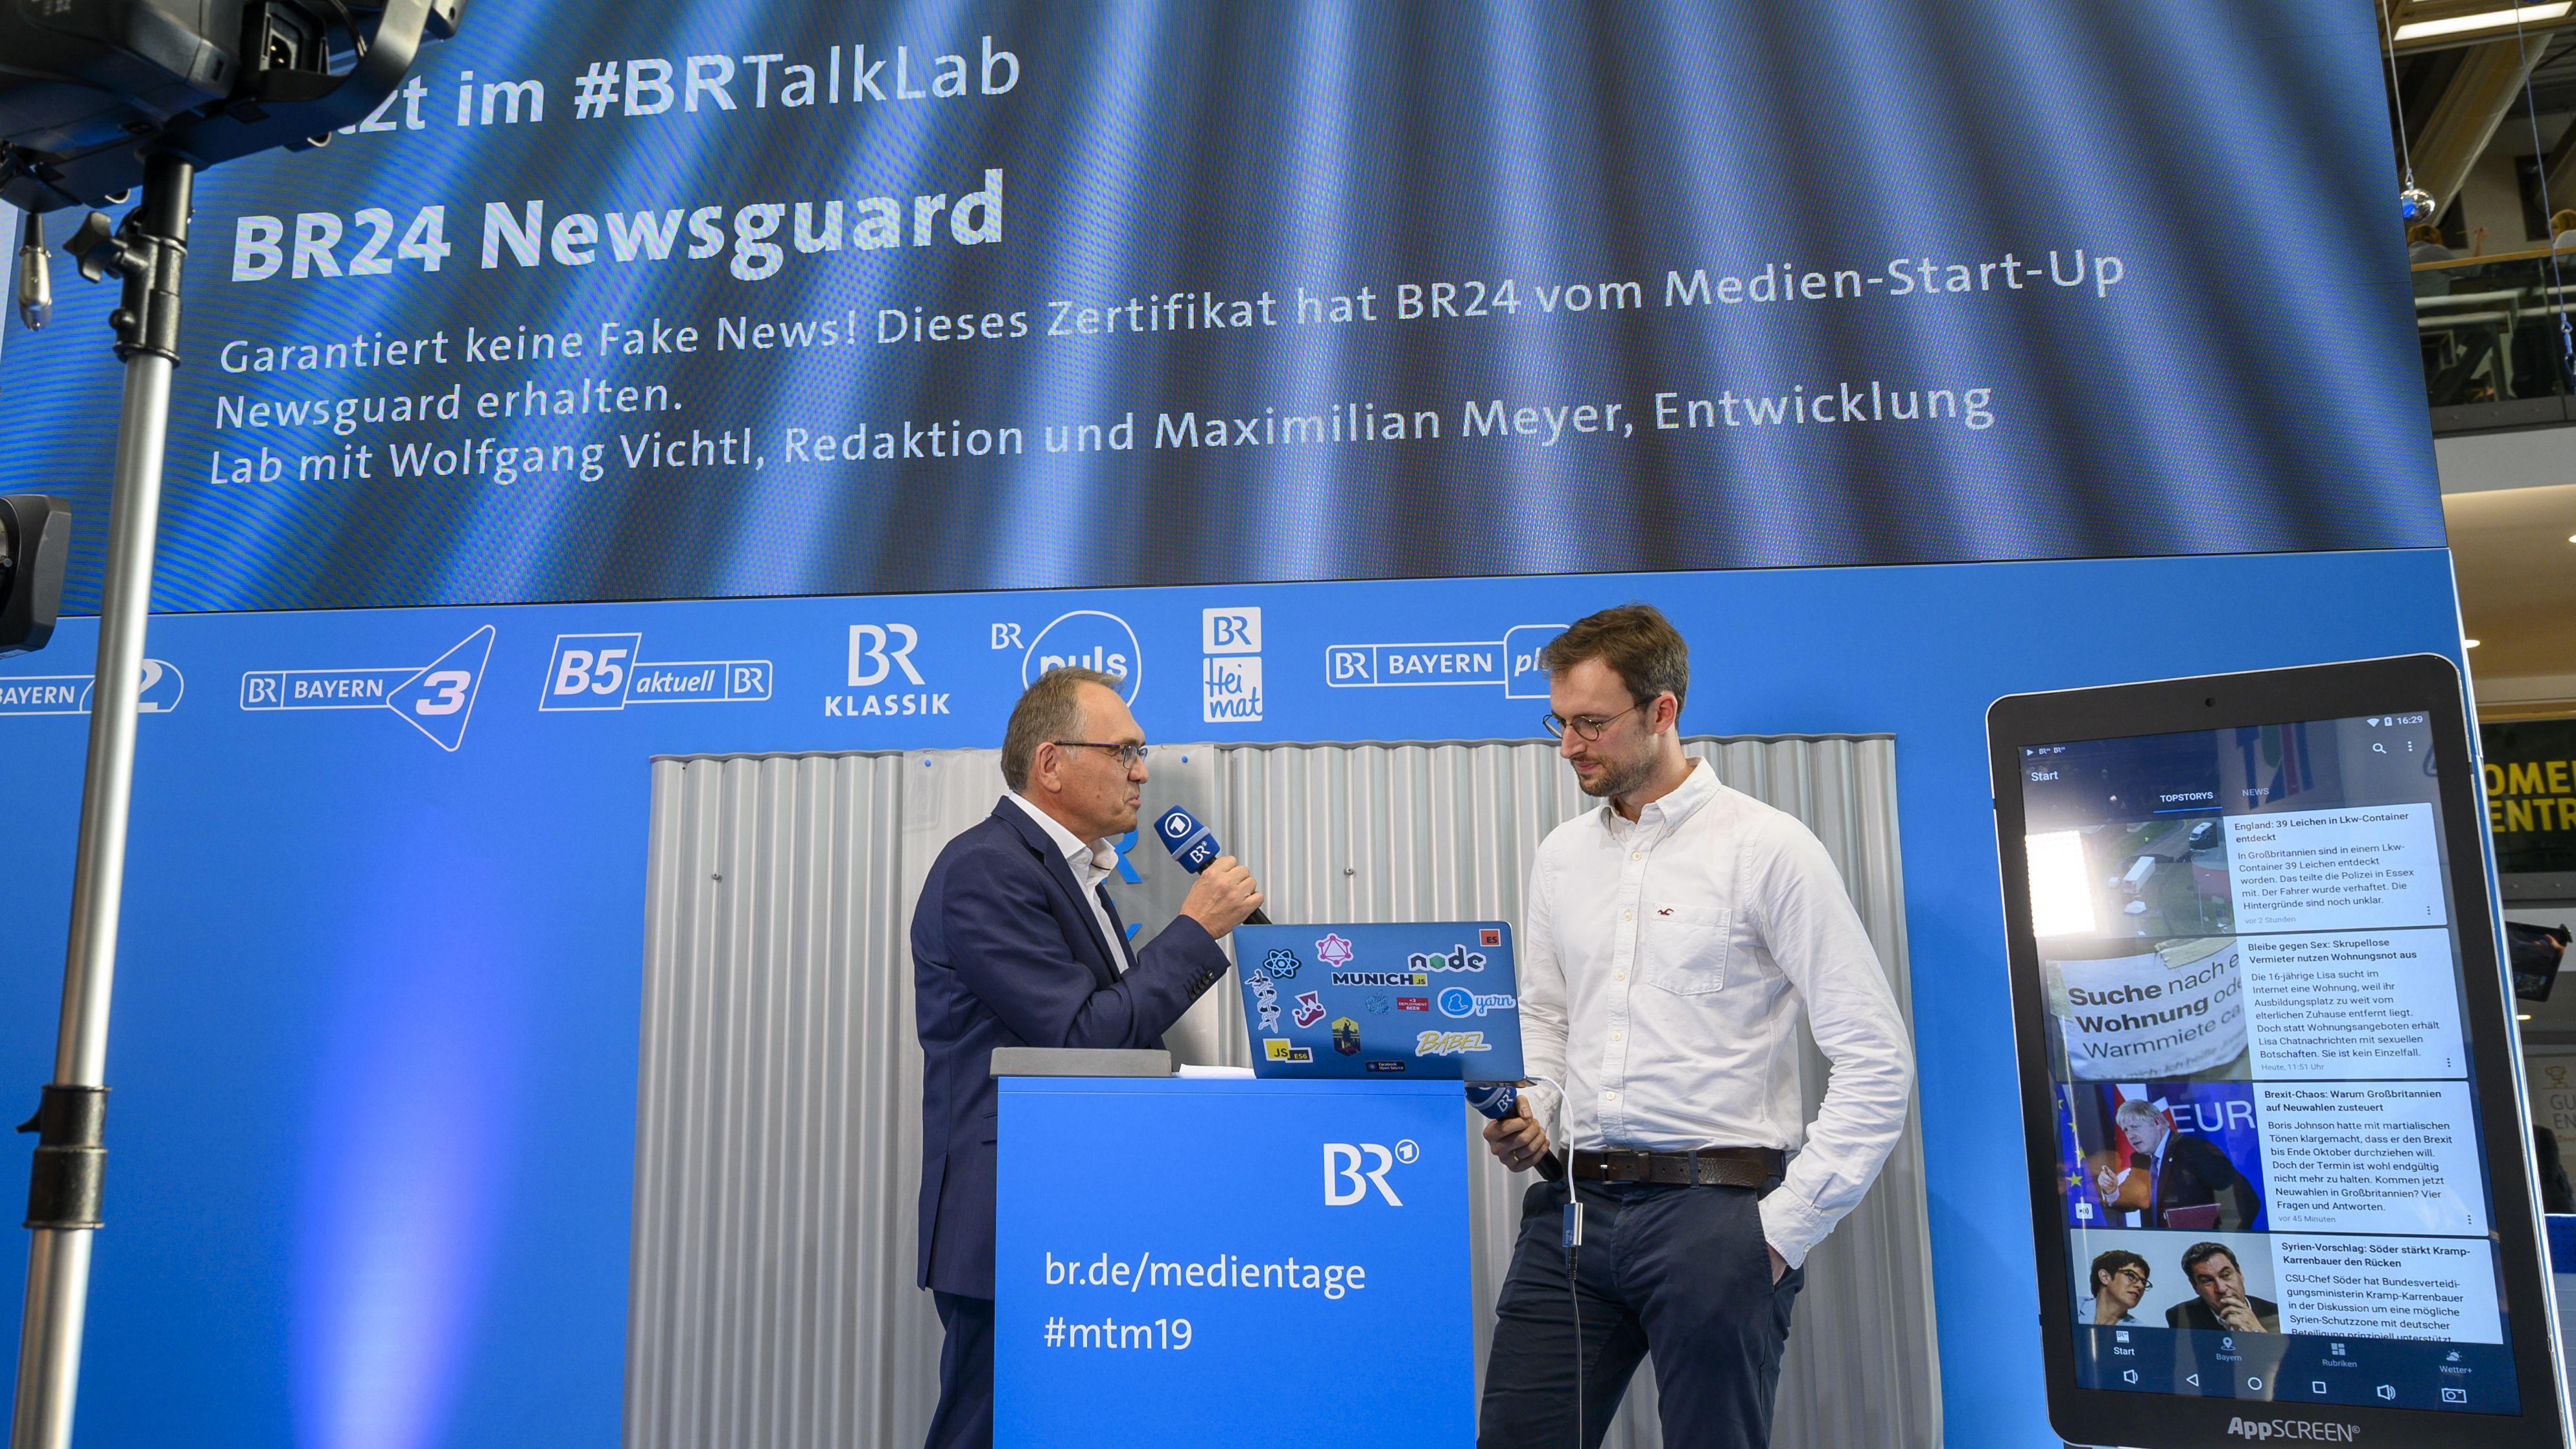 BR24 Newsguard - Garantiert keine Fake News!